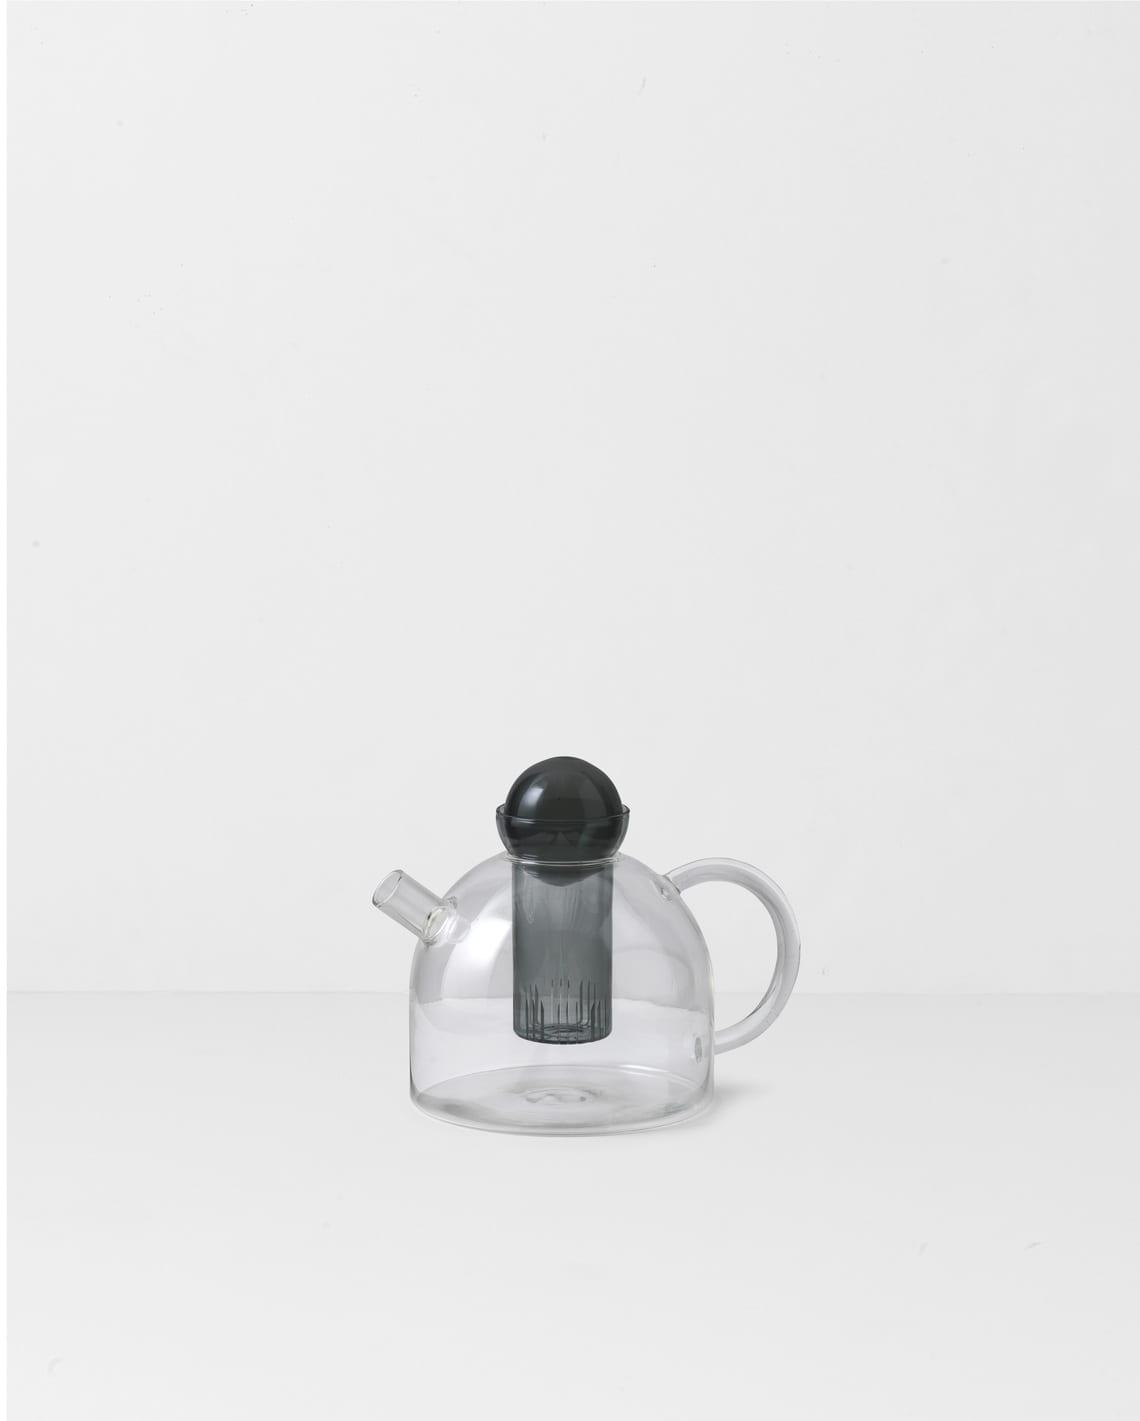 קנקן תה מעוצב מזכוכית - כלי בית יוקרתיים